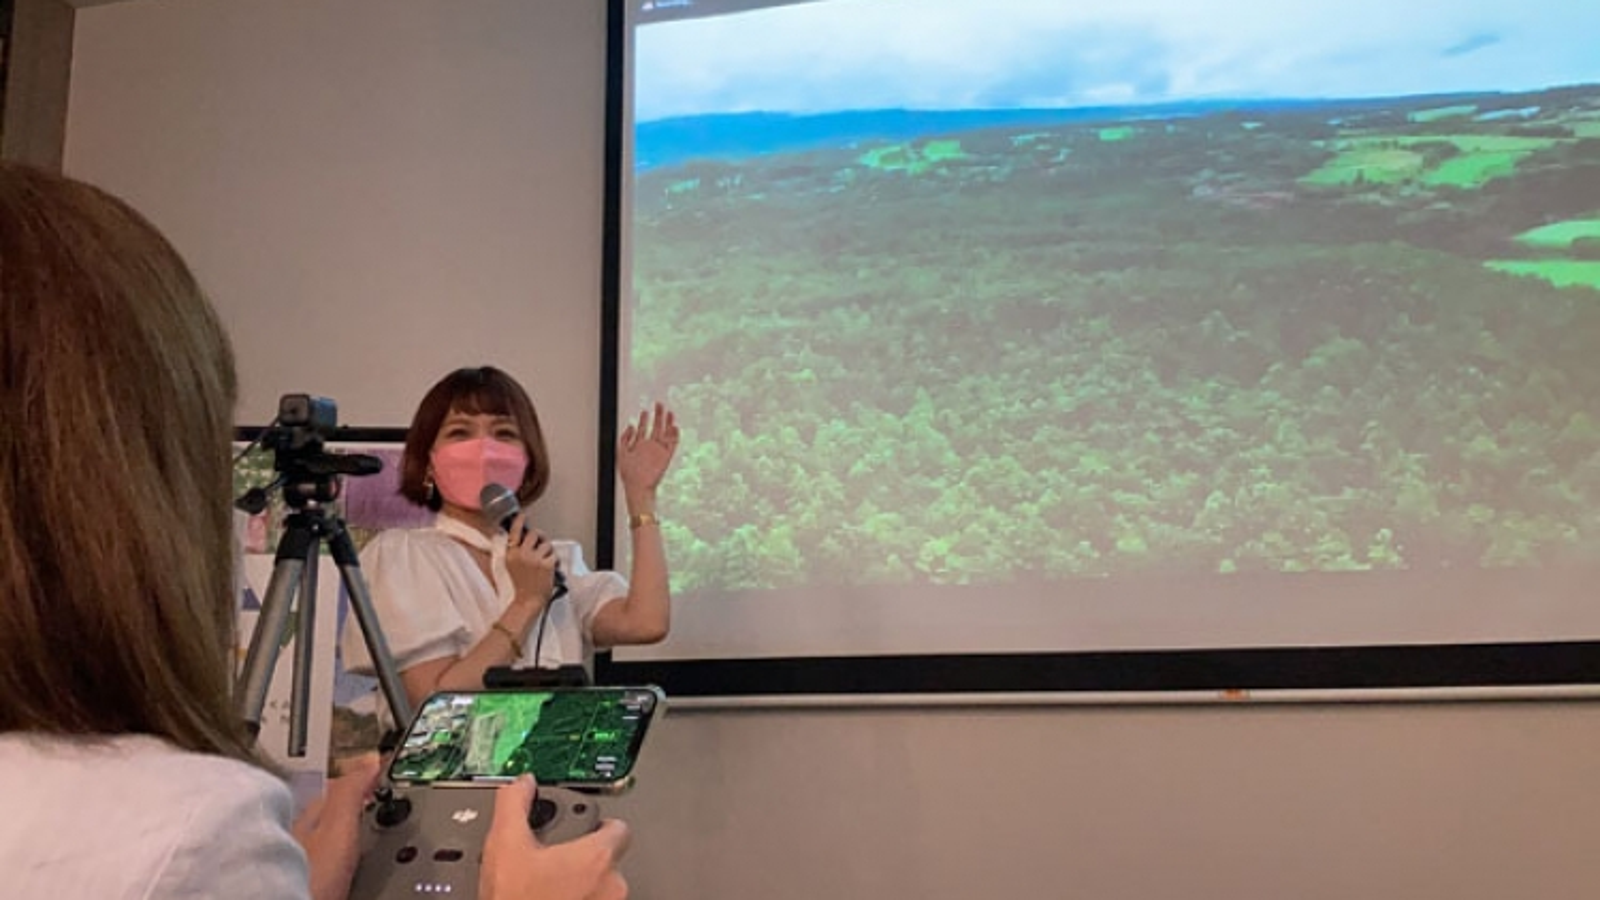 Tour du lịch ảo mới lạ: Tự tay lái drone ngắm cảnh Nhật Bản